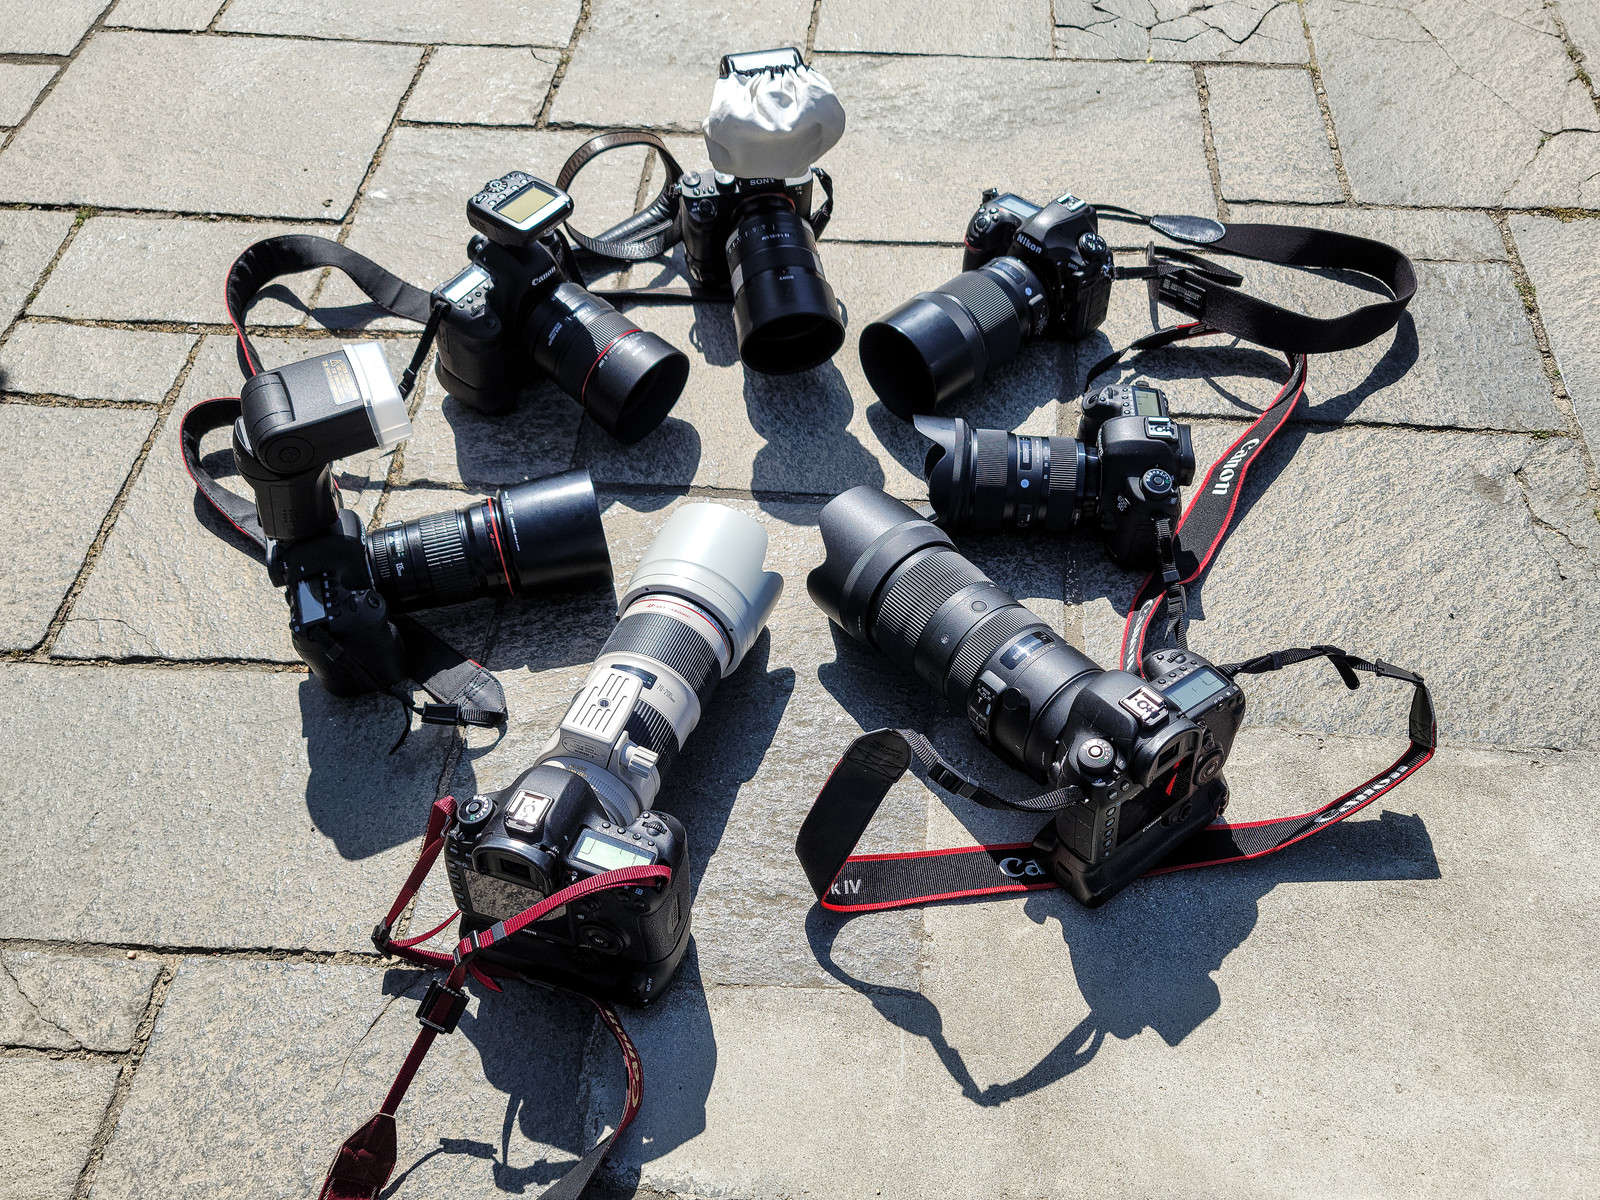 運動会につかえる望遠レンズ15選 使いやすいレンズや撮るポイントも紹介